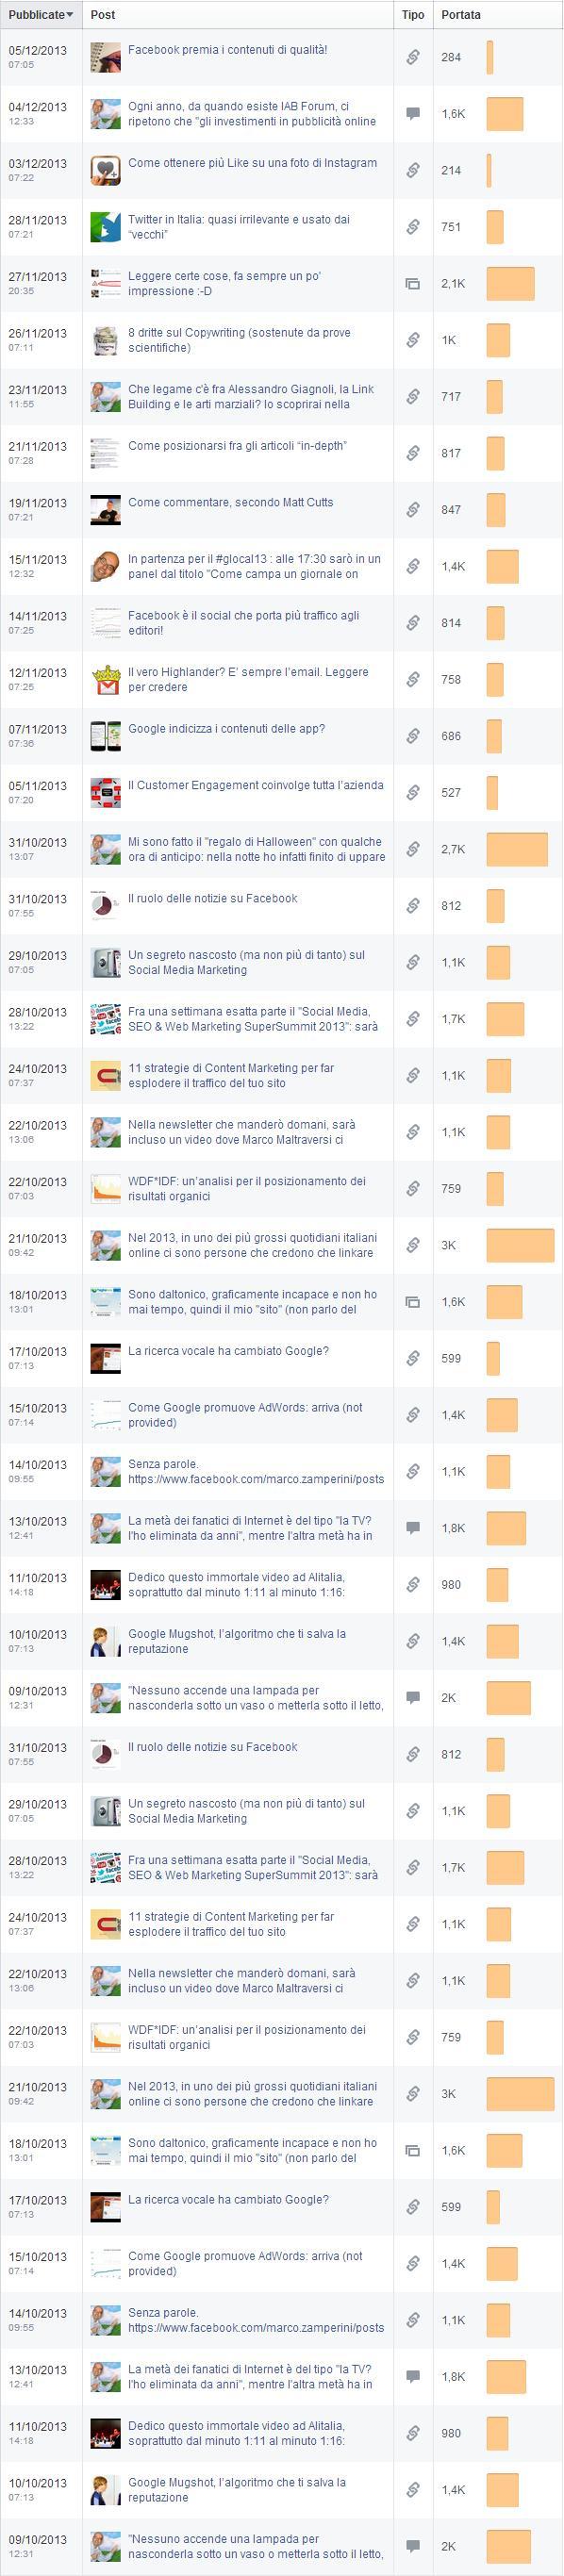 La portata dei post pubblicati sulla fan page del Tagliaerbe